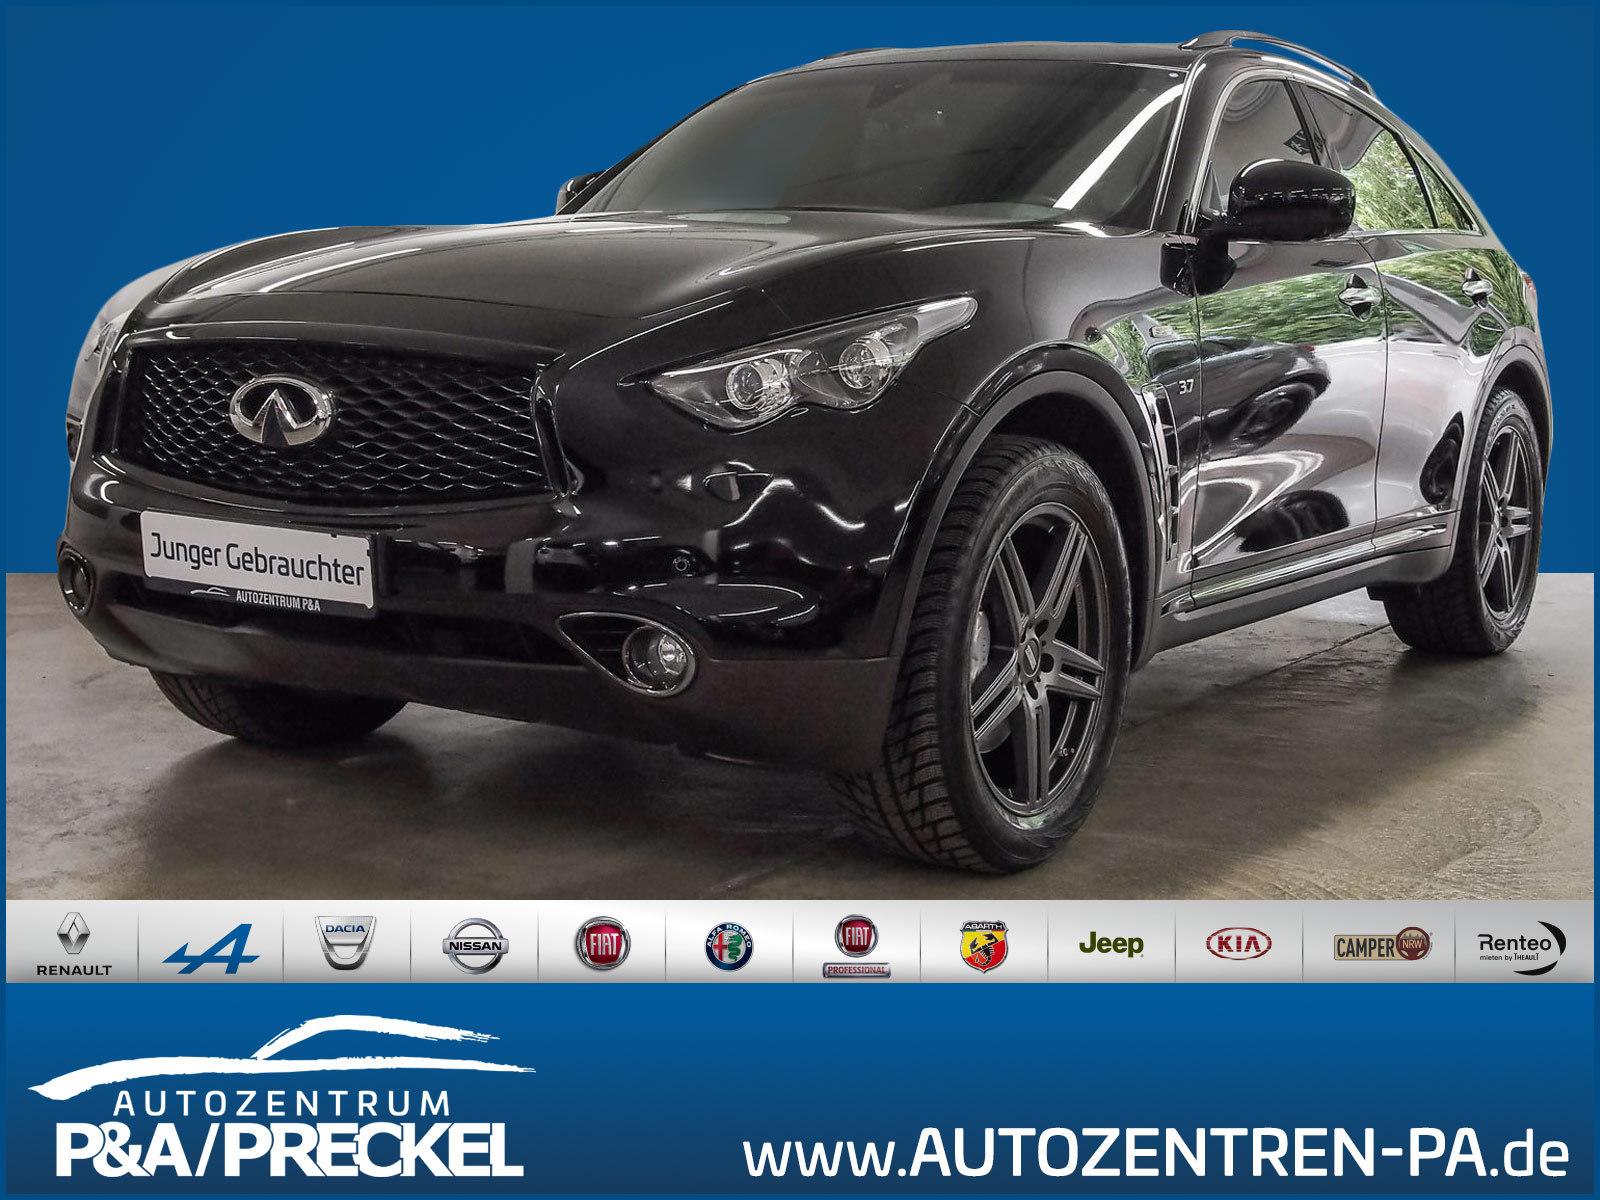 Infiniti QX70 S Premium 3.7 AWD Aut. /Navi/Kamera/Spurass., Jahr 2018, Benzin